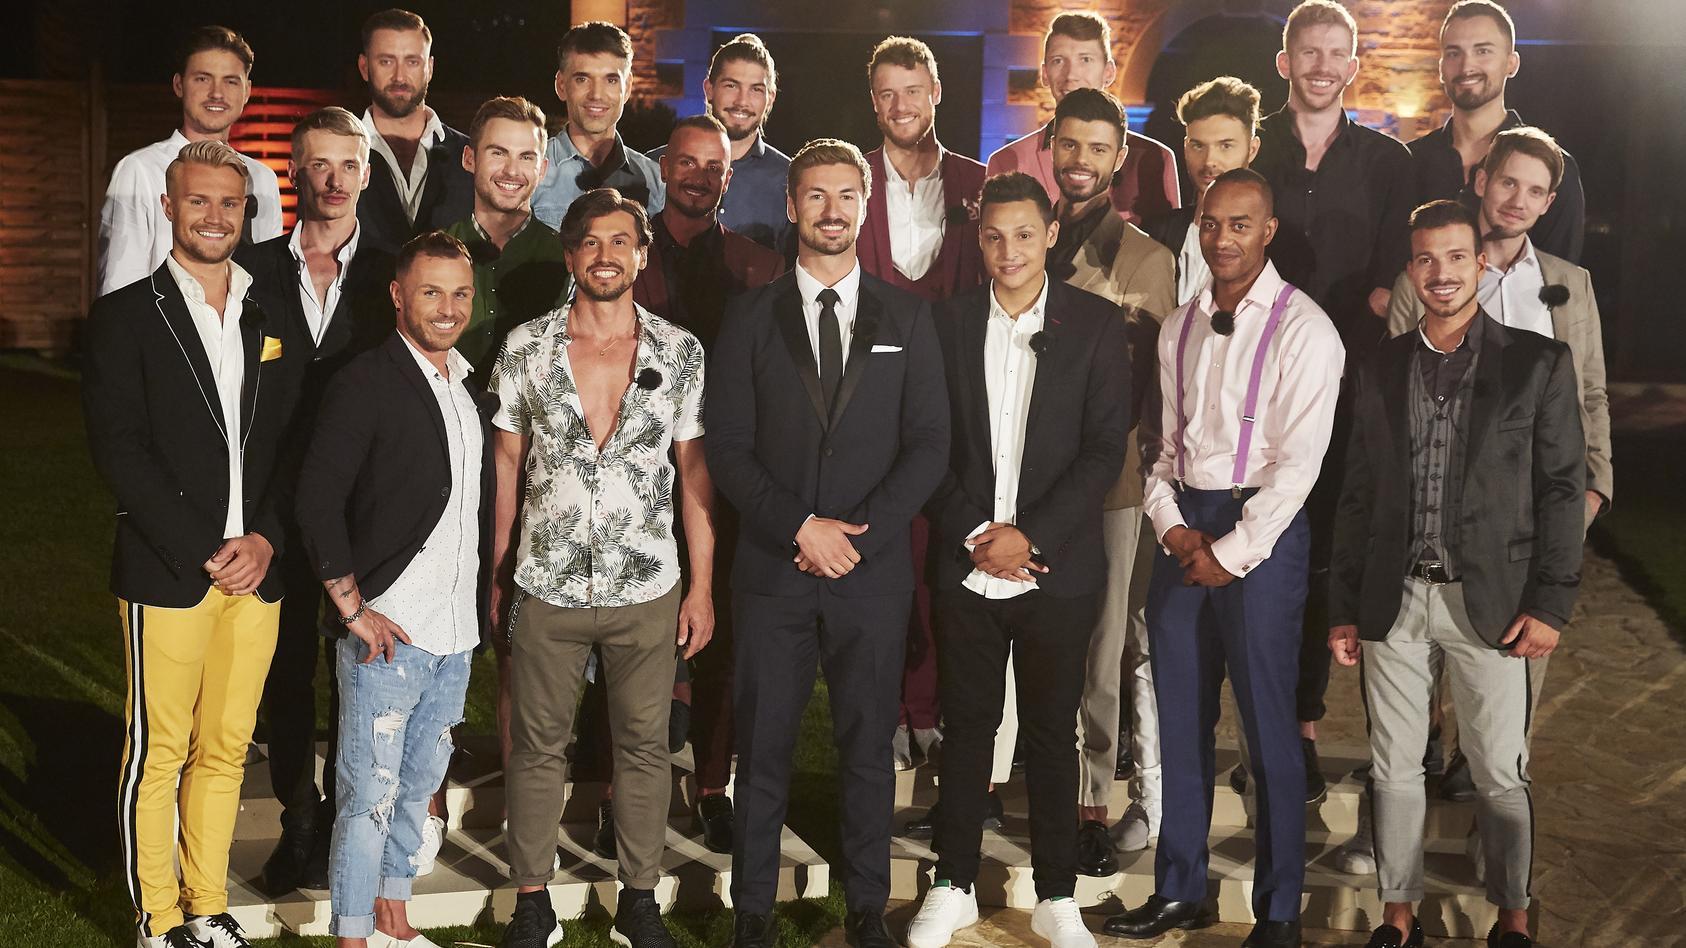 Prince Charming hat die Wahl: Welchen dieser Männer wählt er sich als seinen Traummann aus?